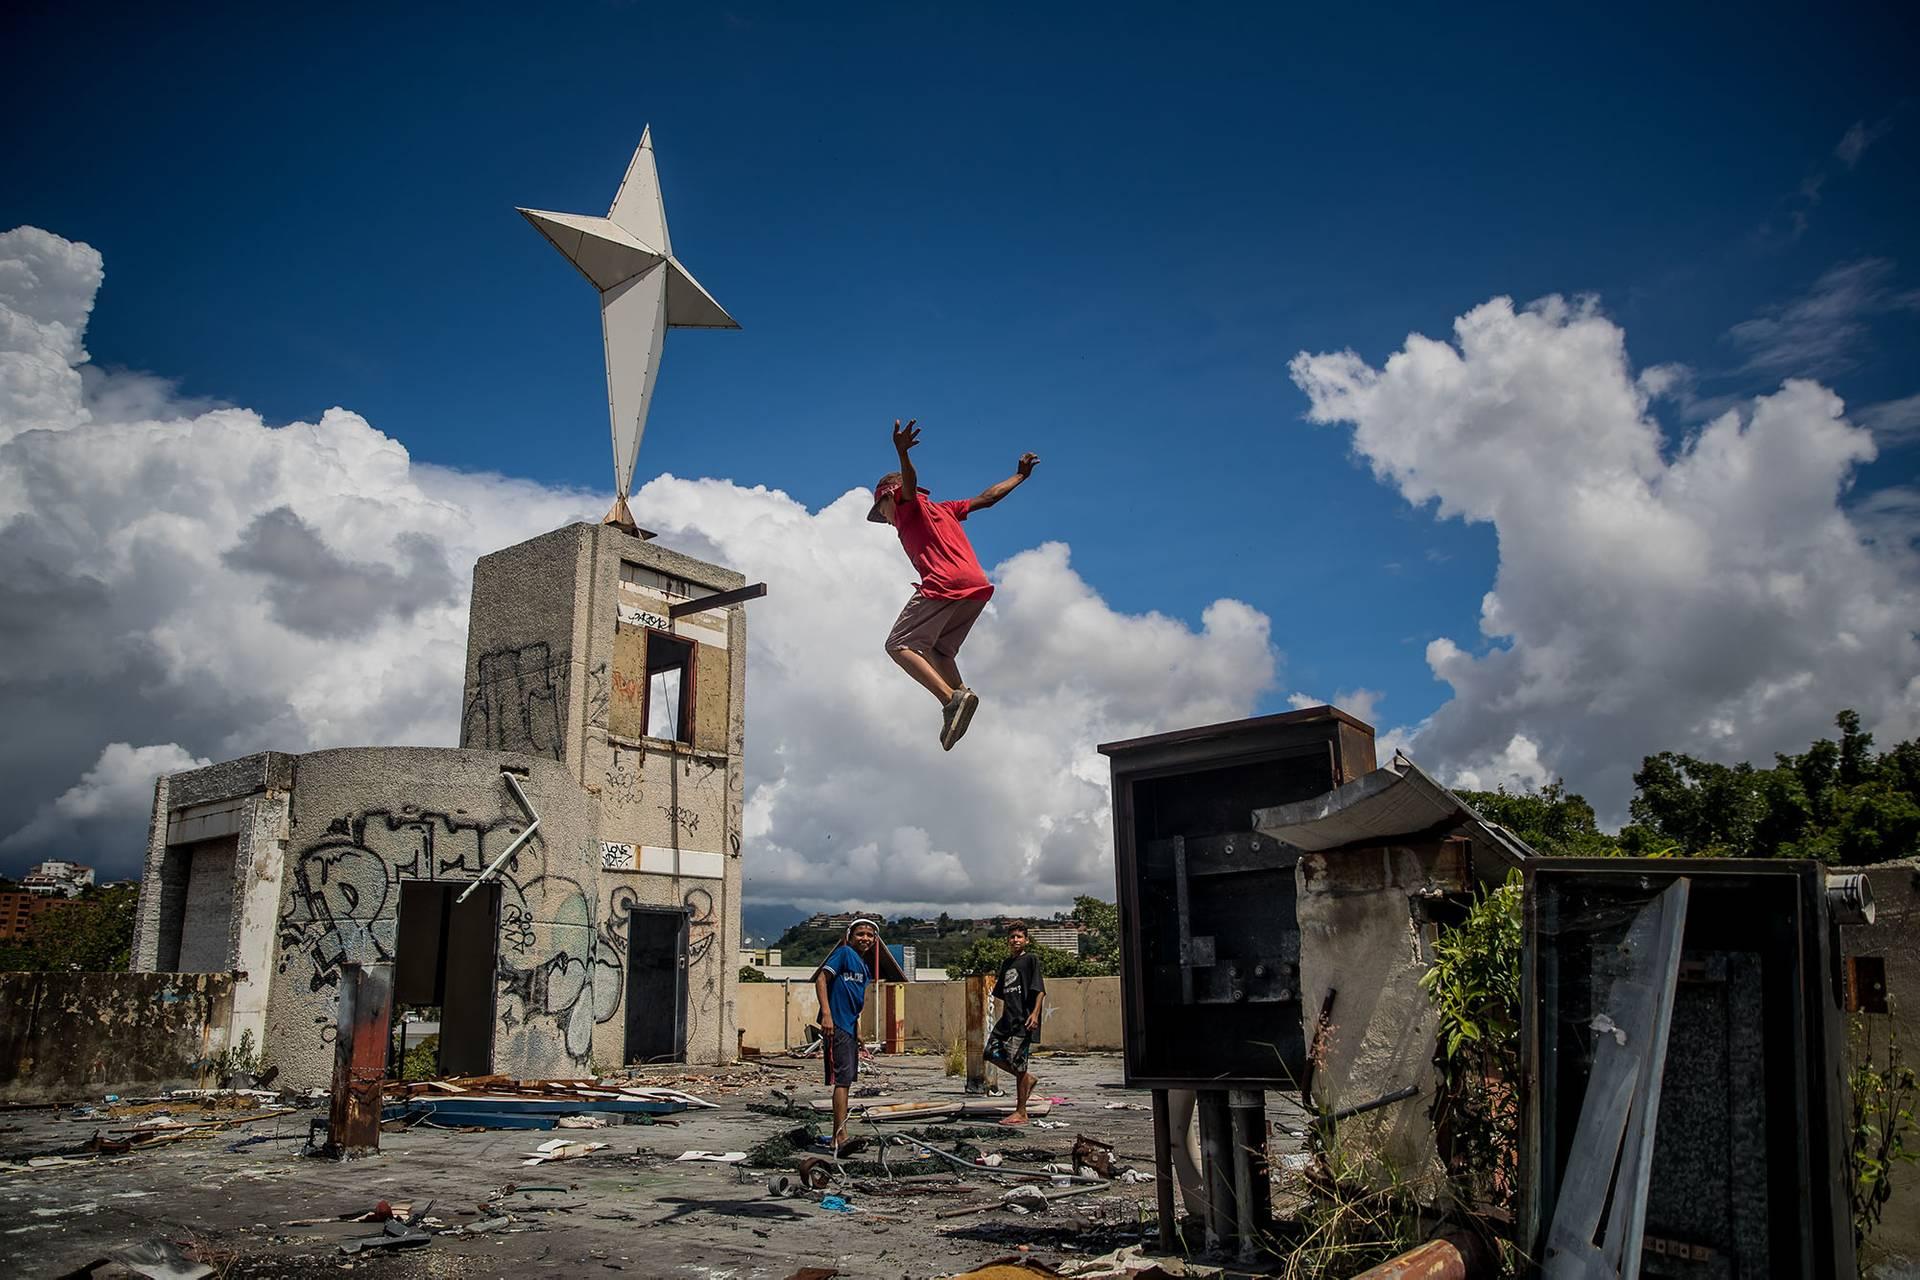 Діти граються на руїнах будівлі казино в районі Ла-Тринідад у Каракасі, Венесуела, 6 листопада 2018 року. За останні роки 3 мільйони венесуельців емігрували через падіння економіки, яке потягнуло за собою значне погіршення рівня життя у країні